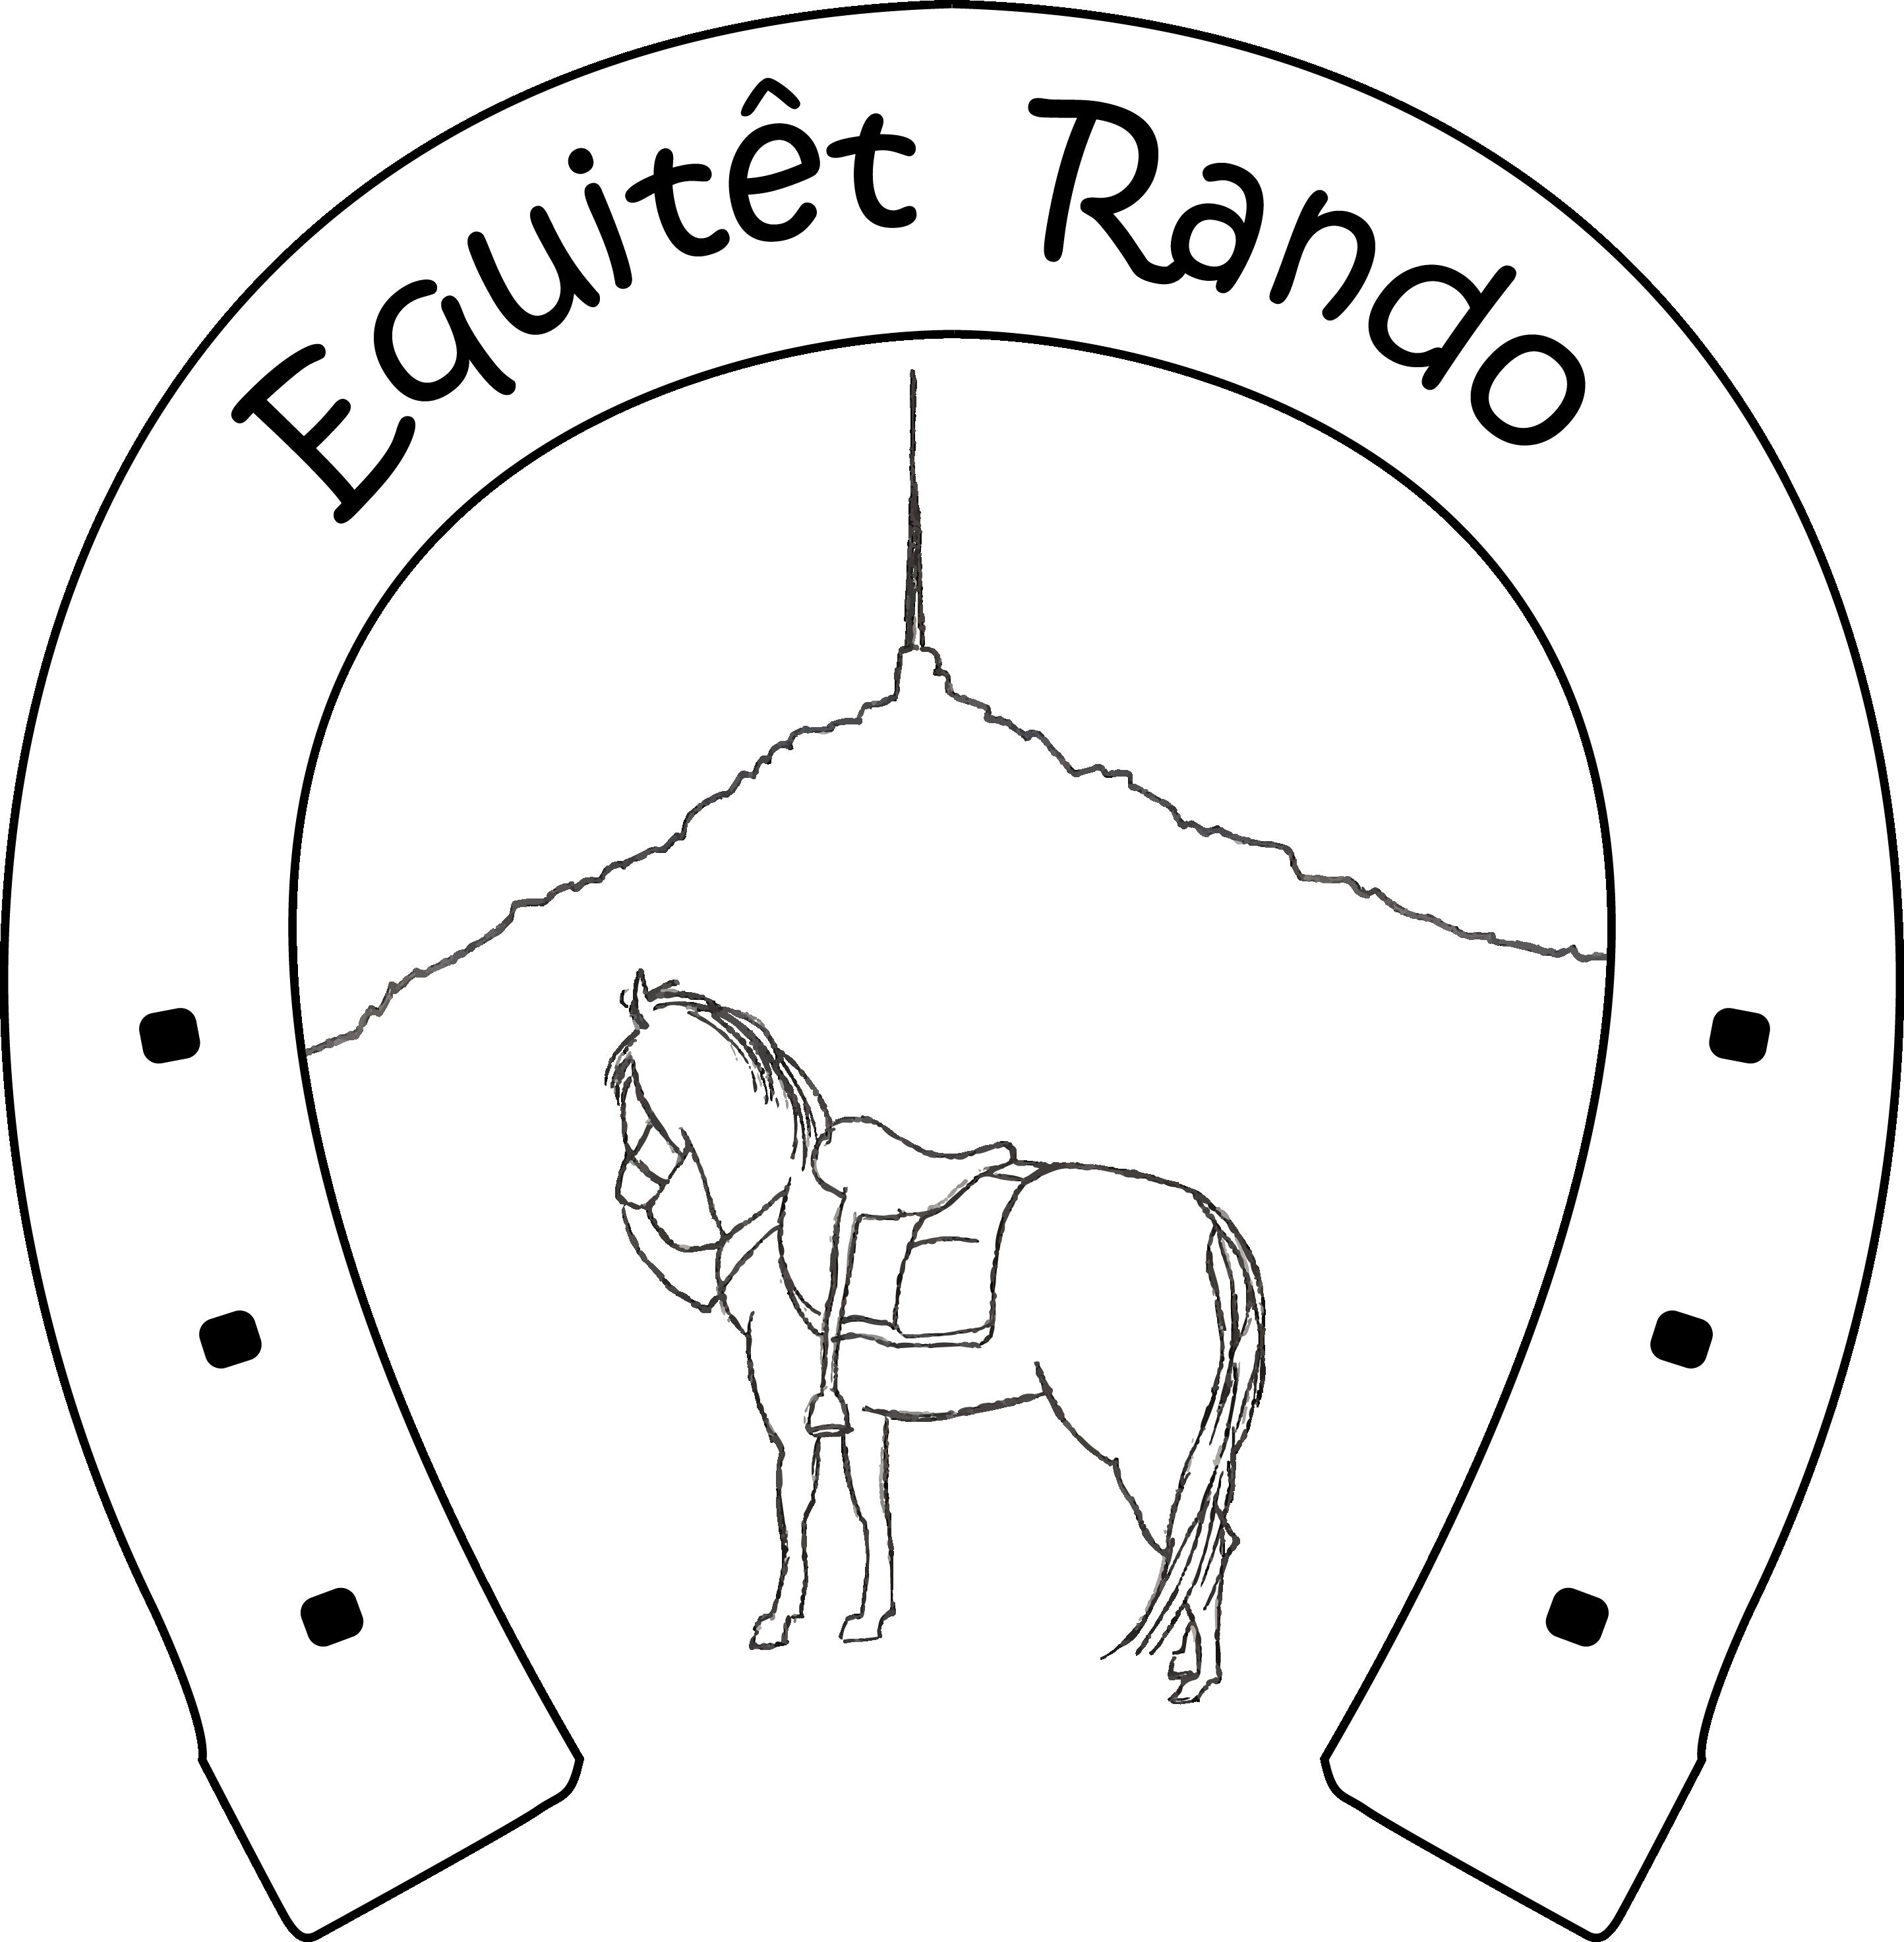 Equitêt Rando